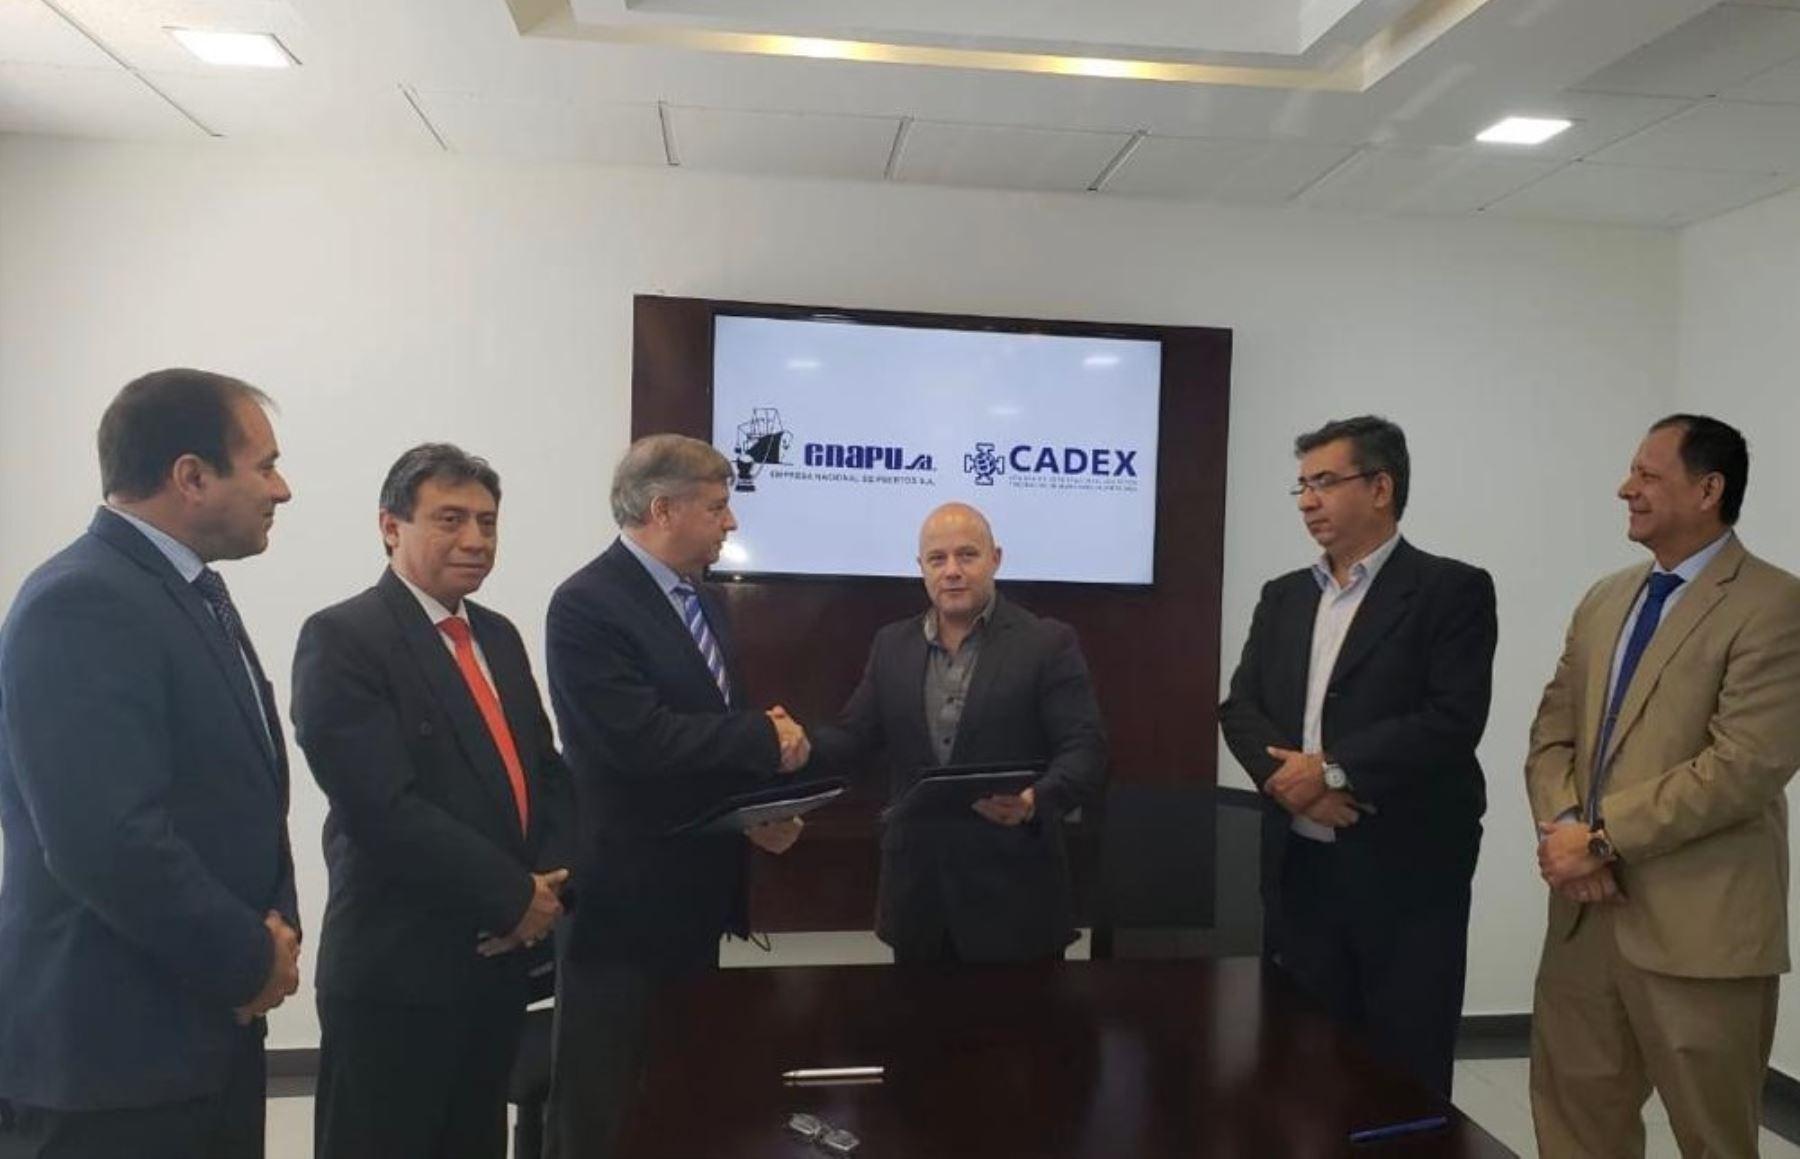 Enapu y representantes empresariales de Bolivia firman convenio. Foto: Cortesía.